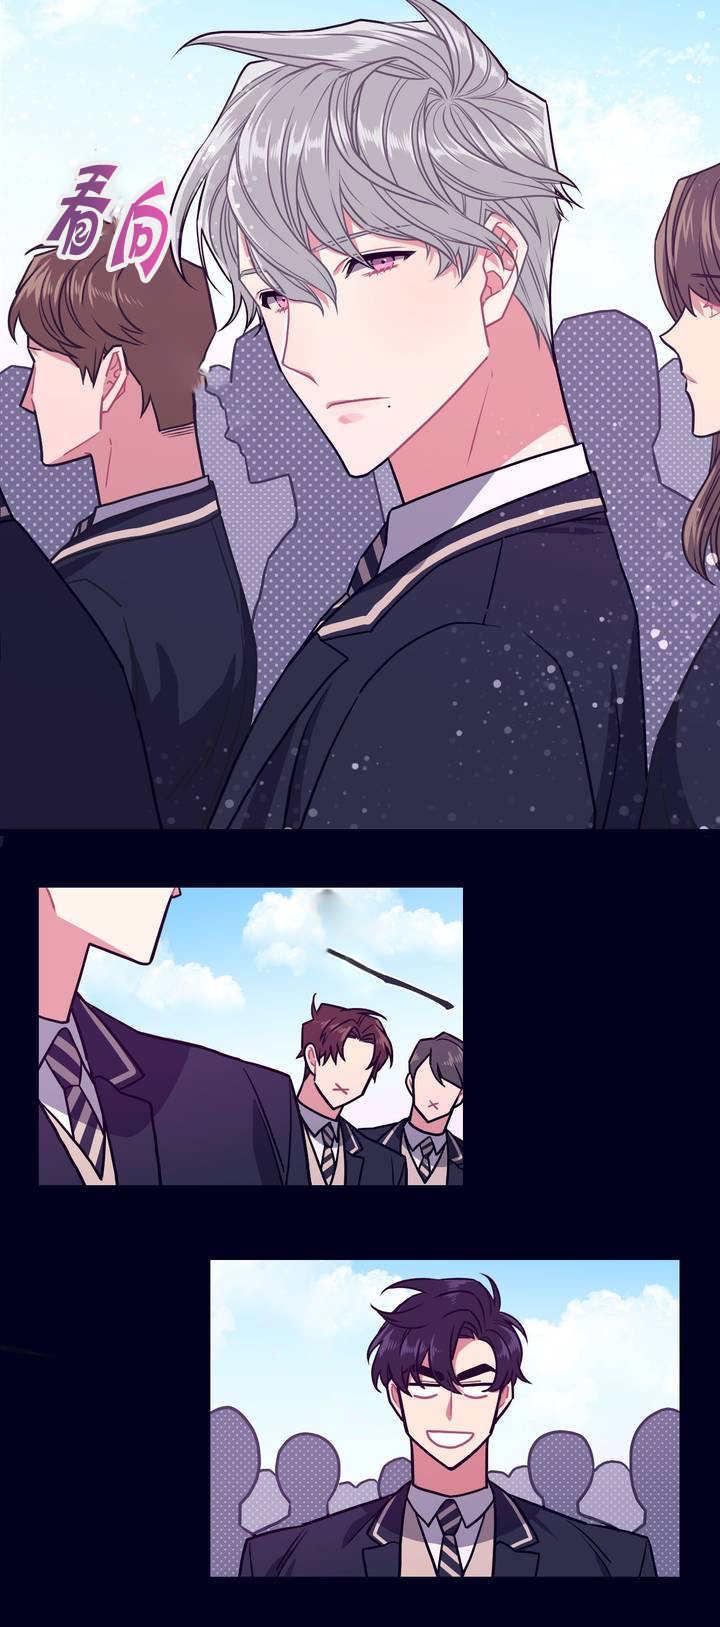 忠犬男友-漫画完整版资源汉化_全集在线阅读已完结-啵乐漫画